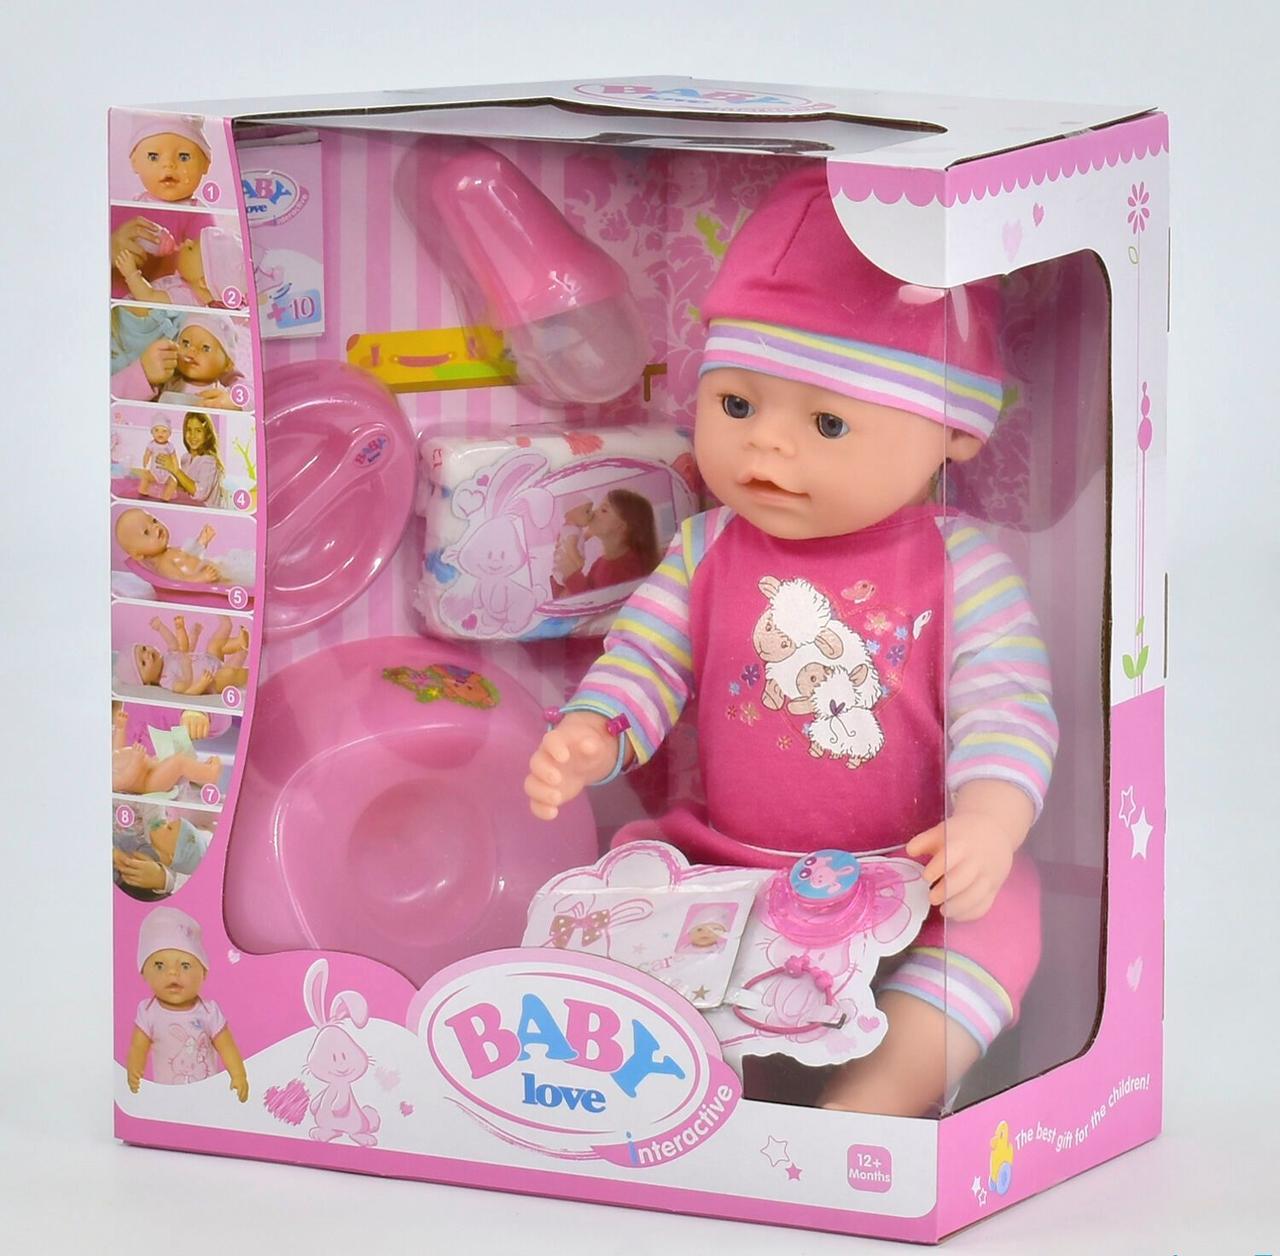 Функциональная кукла - пупс Baby Love BL 023 I имеет 8 функций с аксессуарами